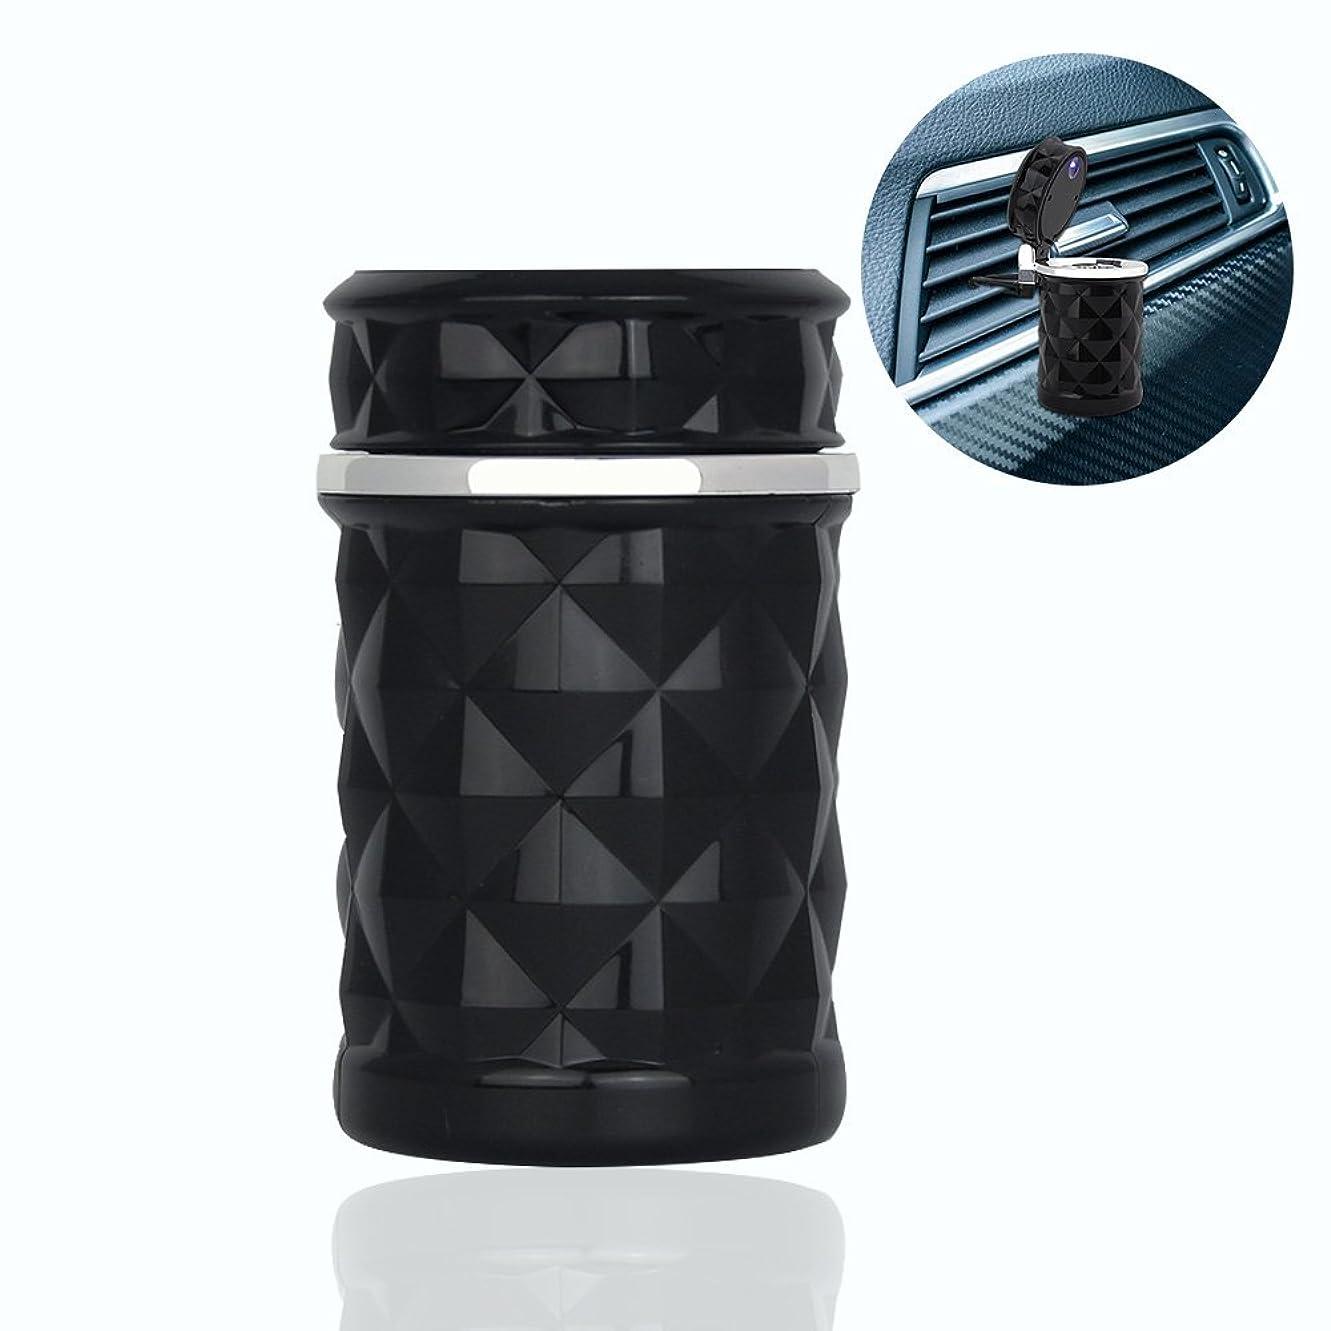 多様体懸念カフェテリアCOOLBOTANG 灰皿 自動車用 LEDランプ付け 蓋付き灰皿 煙と臭いを遮断 車の灰皿 大容量 飛び散りにくい